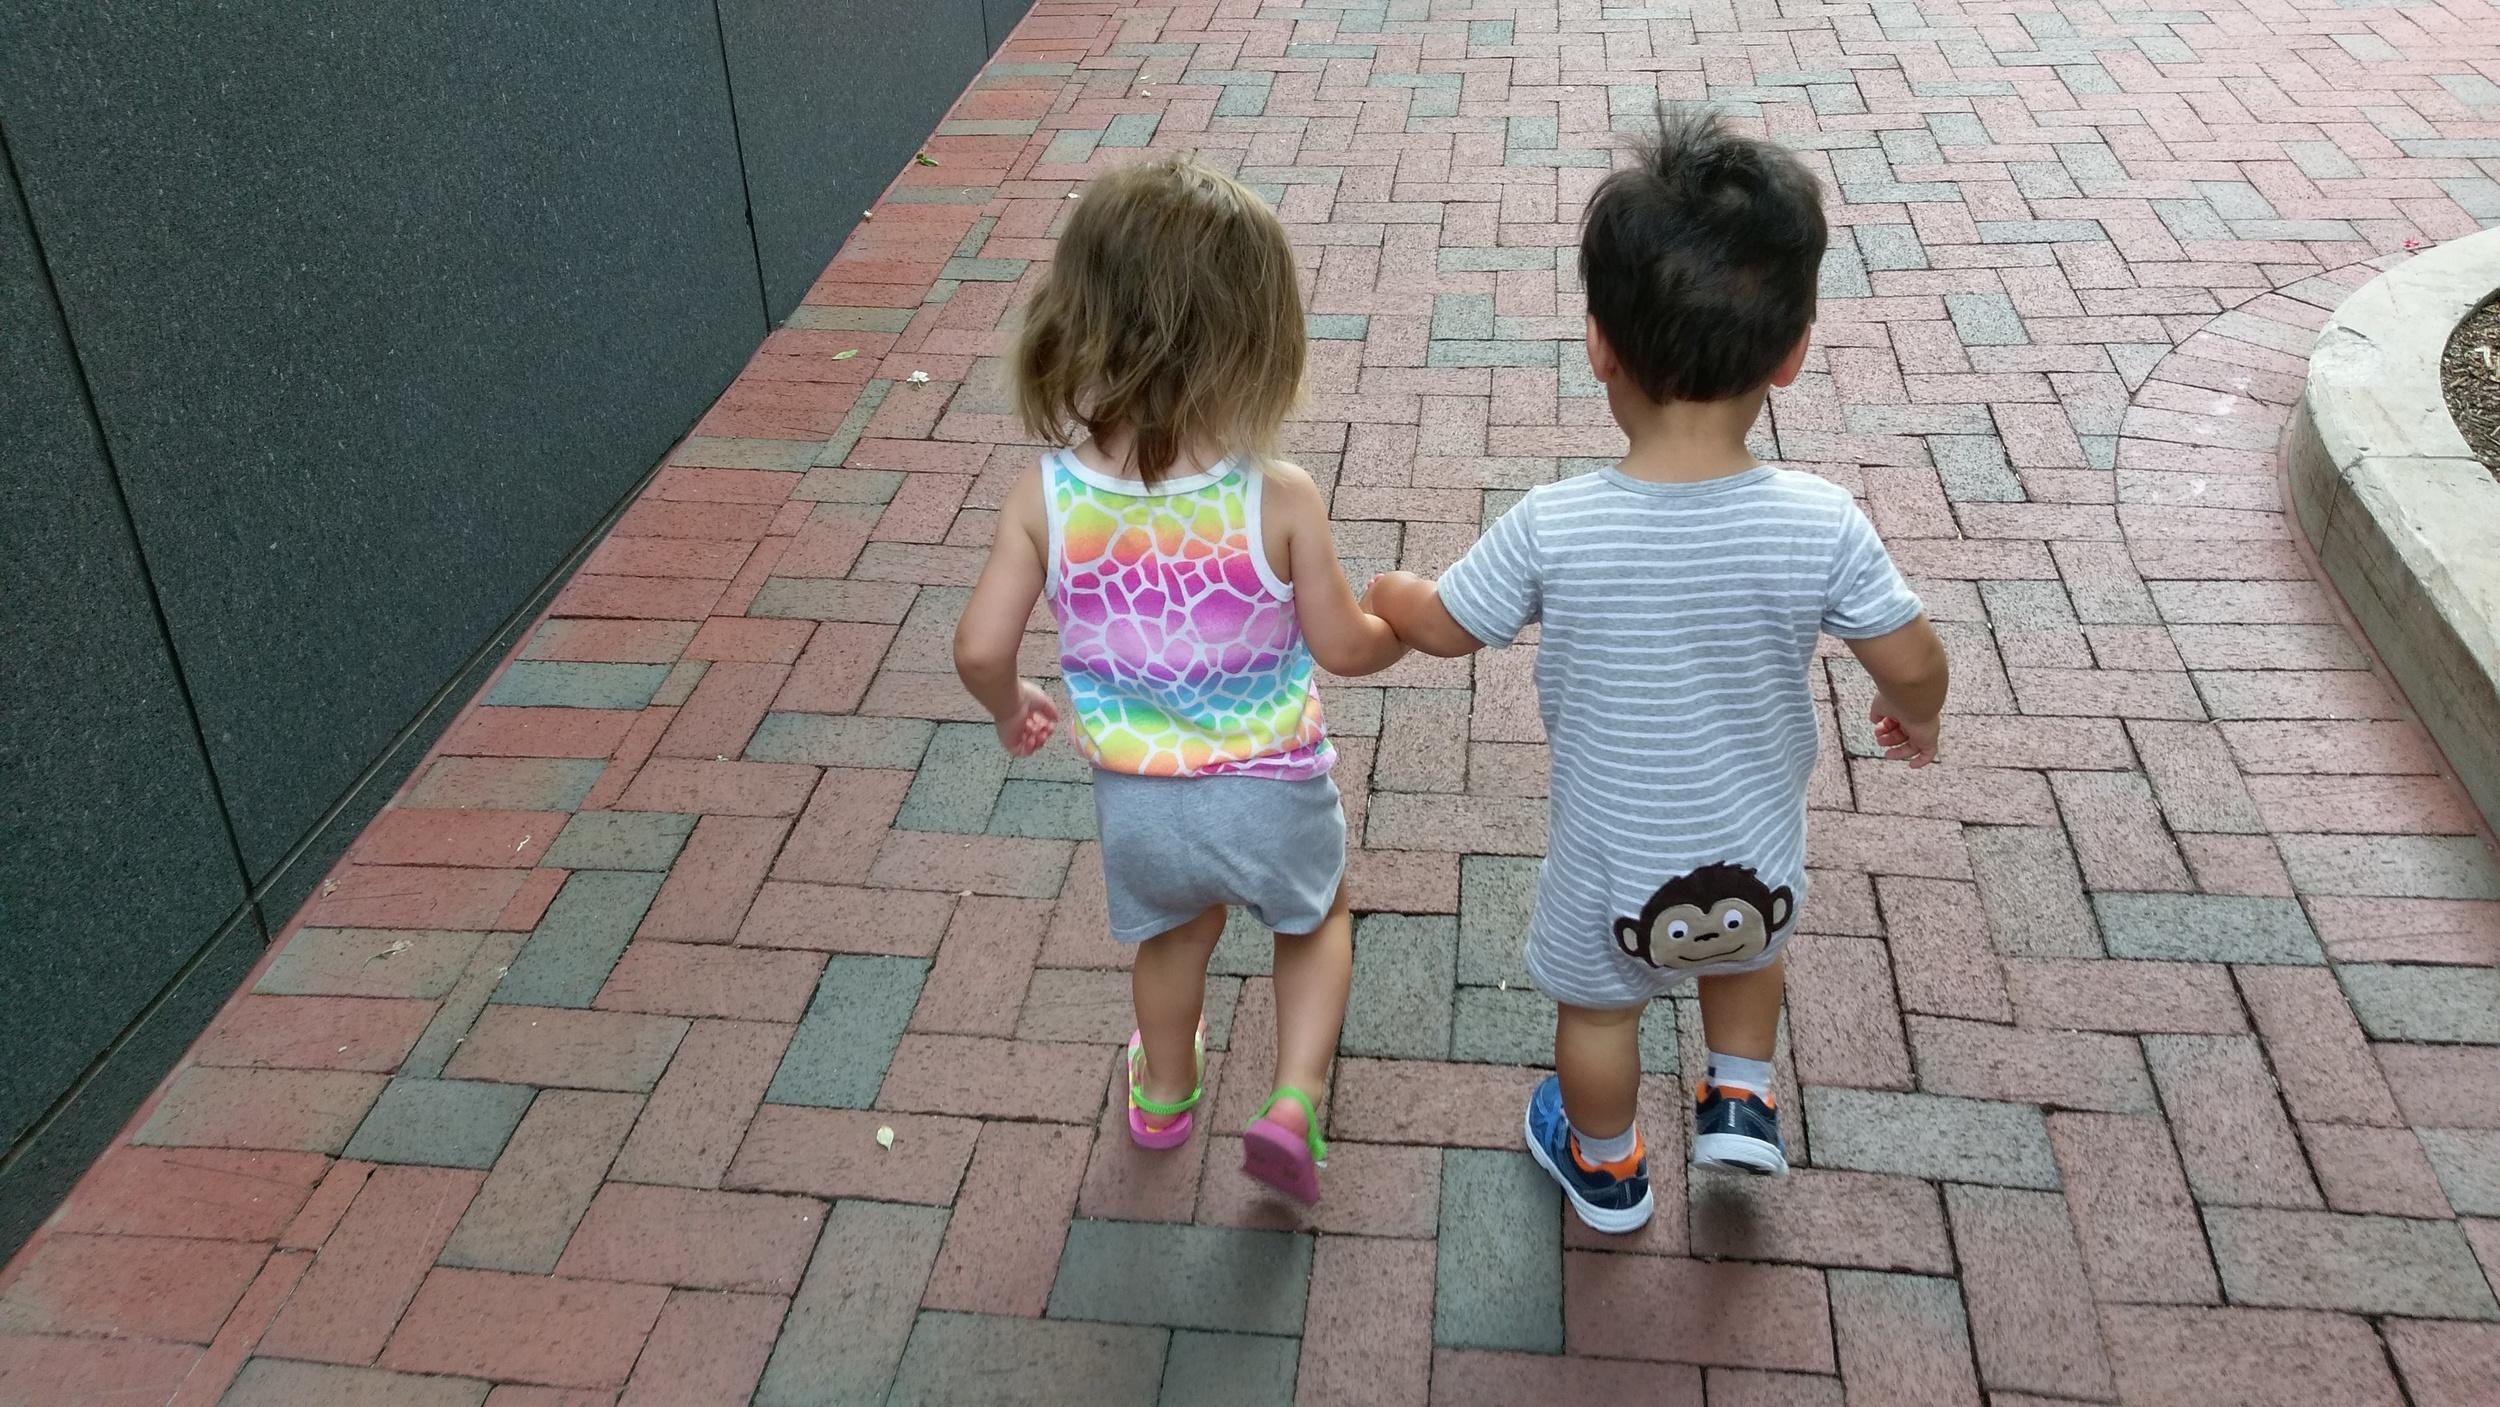 Best friends walking to lunch.